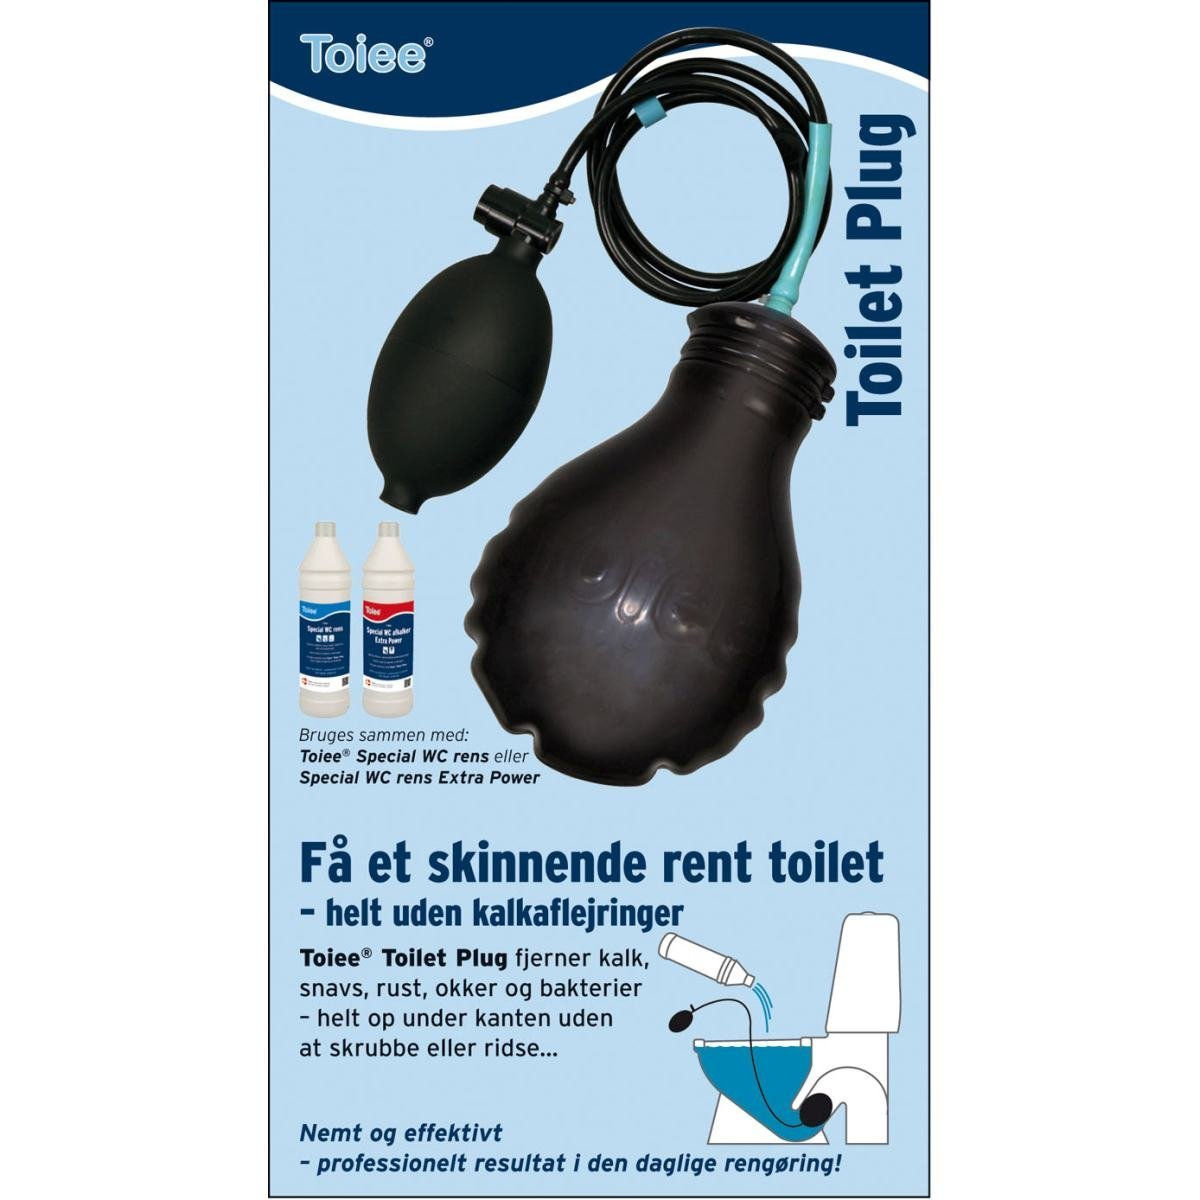 Toilet afkalker prop - Toiee Toilet Plug